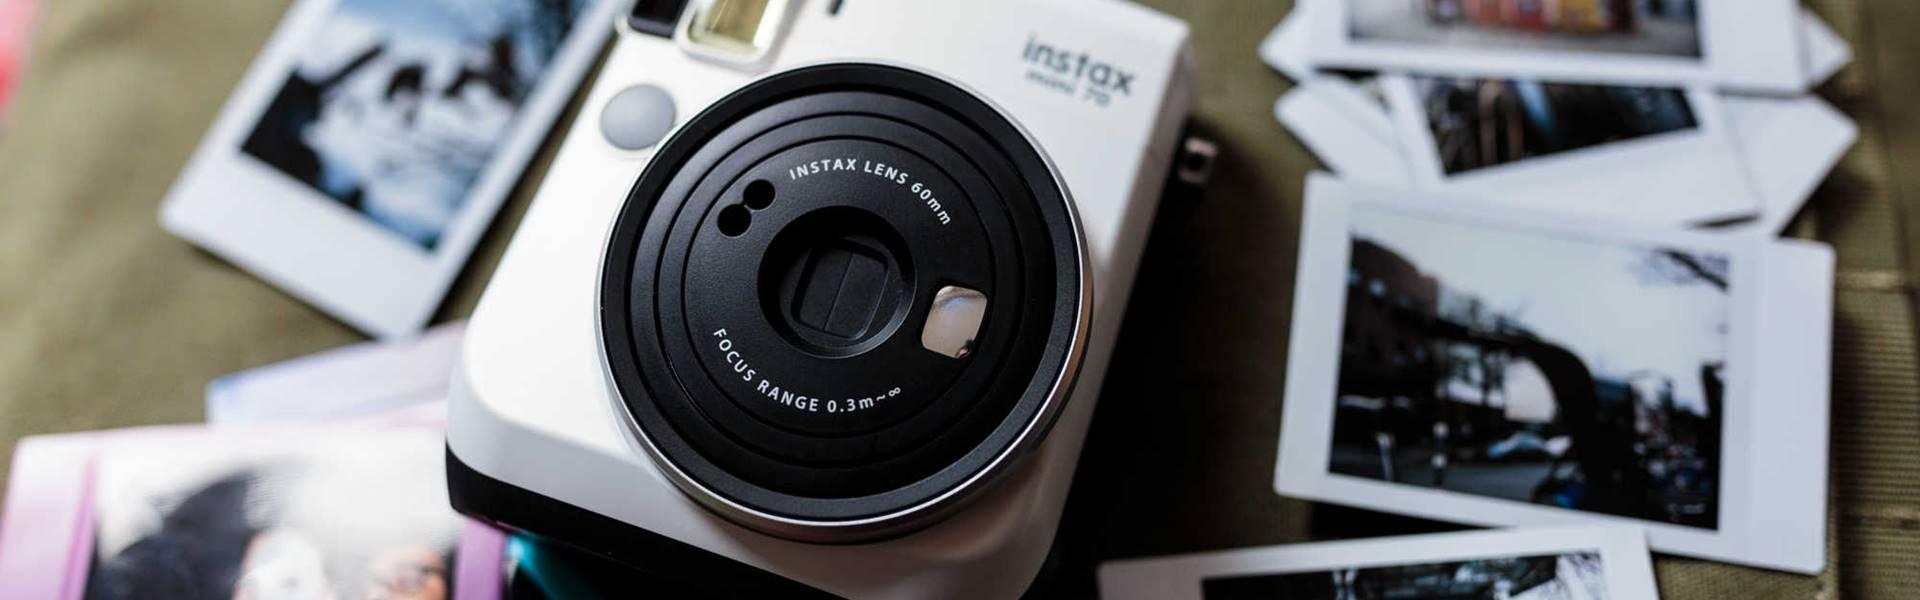 Темы для фотографа в Инстаграм